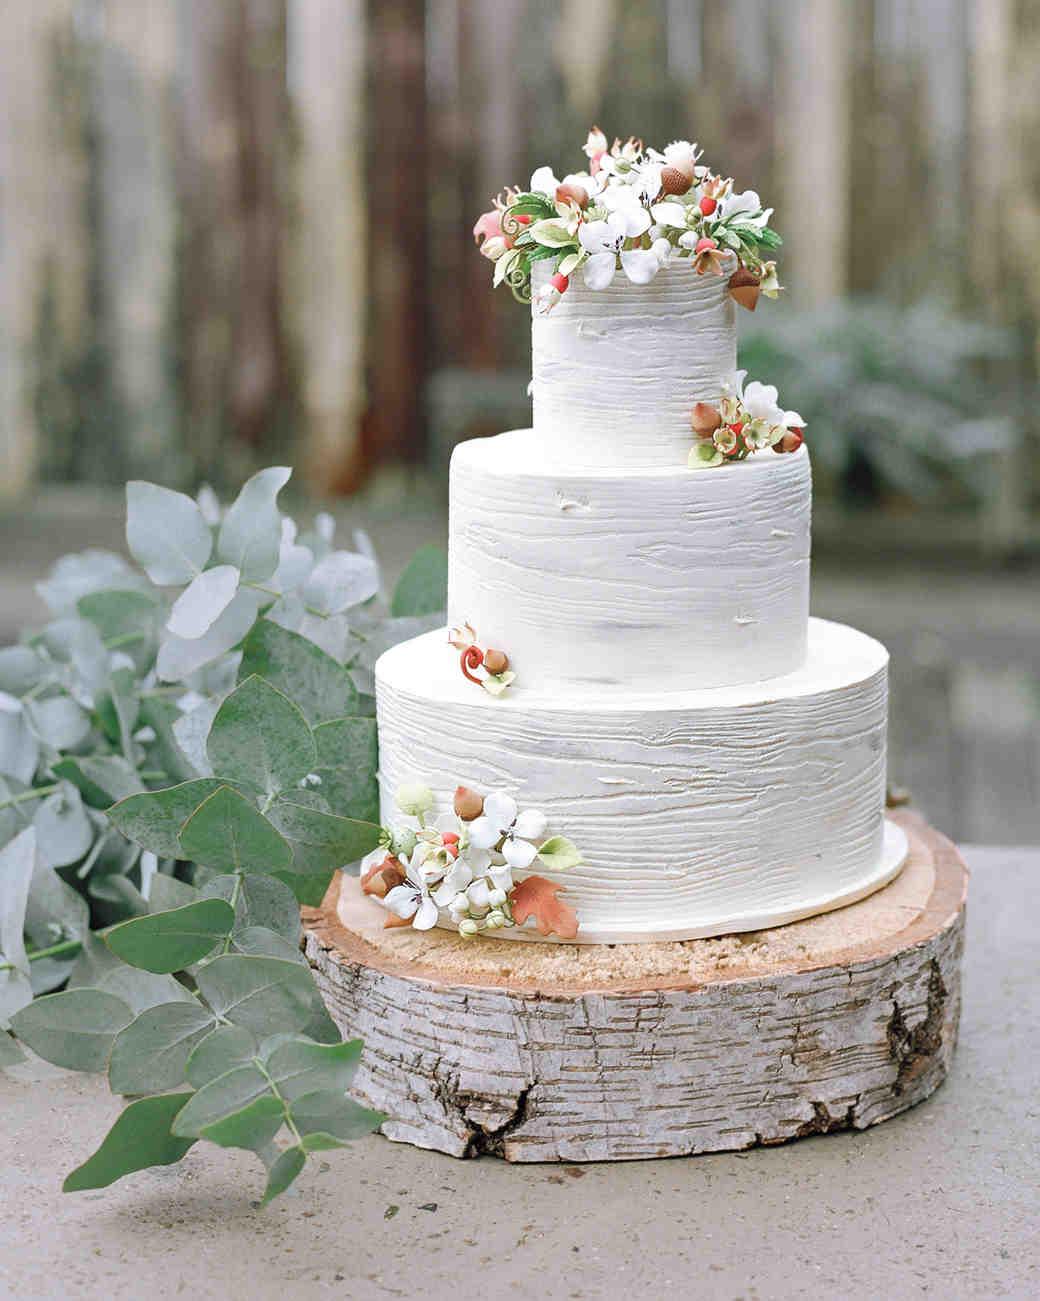 Rustic wedding cakes martha stewart